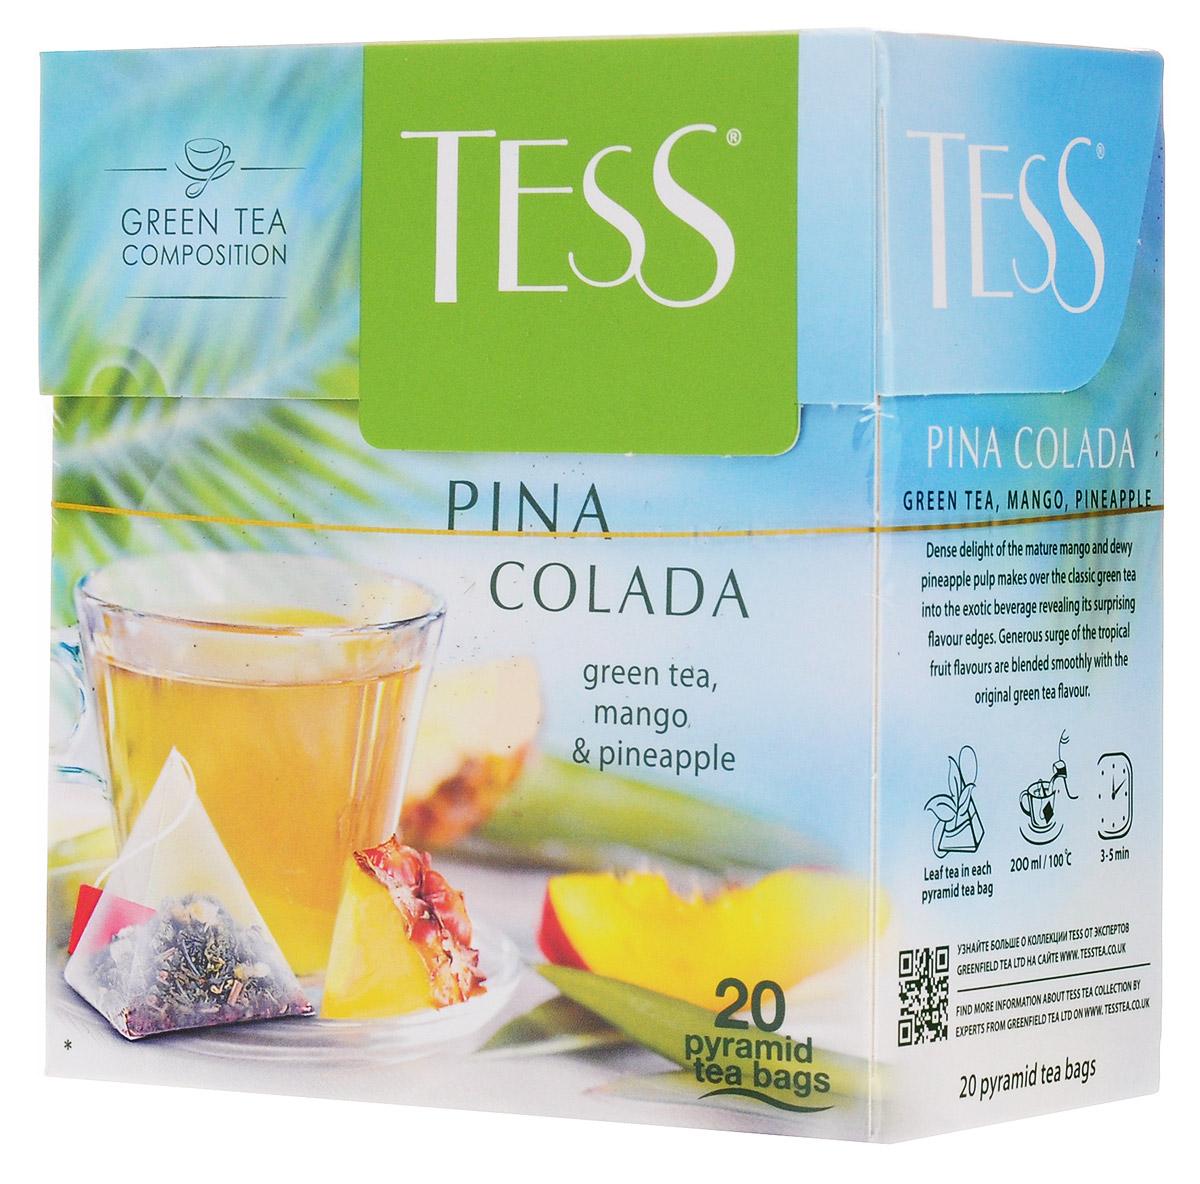 Tess Pina Colada зеленый чай в пирамидках, 20 шт0787-12Играя ароматными мячиками манго и ананаса, в которых спряталось тропическое солнце, классический зеленый чай Tess Pina Colada в пирамидках превращается в экзотический напиток и дарит ни с чем не сравнимое ощущение легкости и свободы.Всё о чае: сорта, факты, советы по выбору и употреблению. Статья OZON Гид